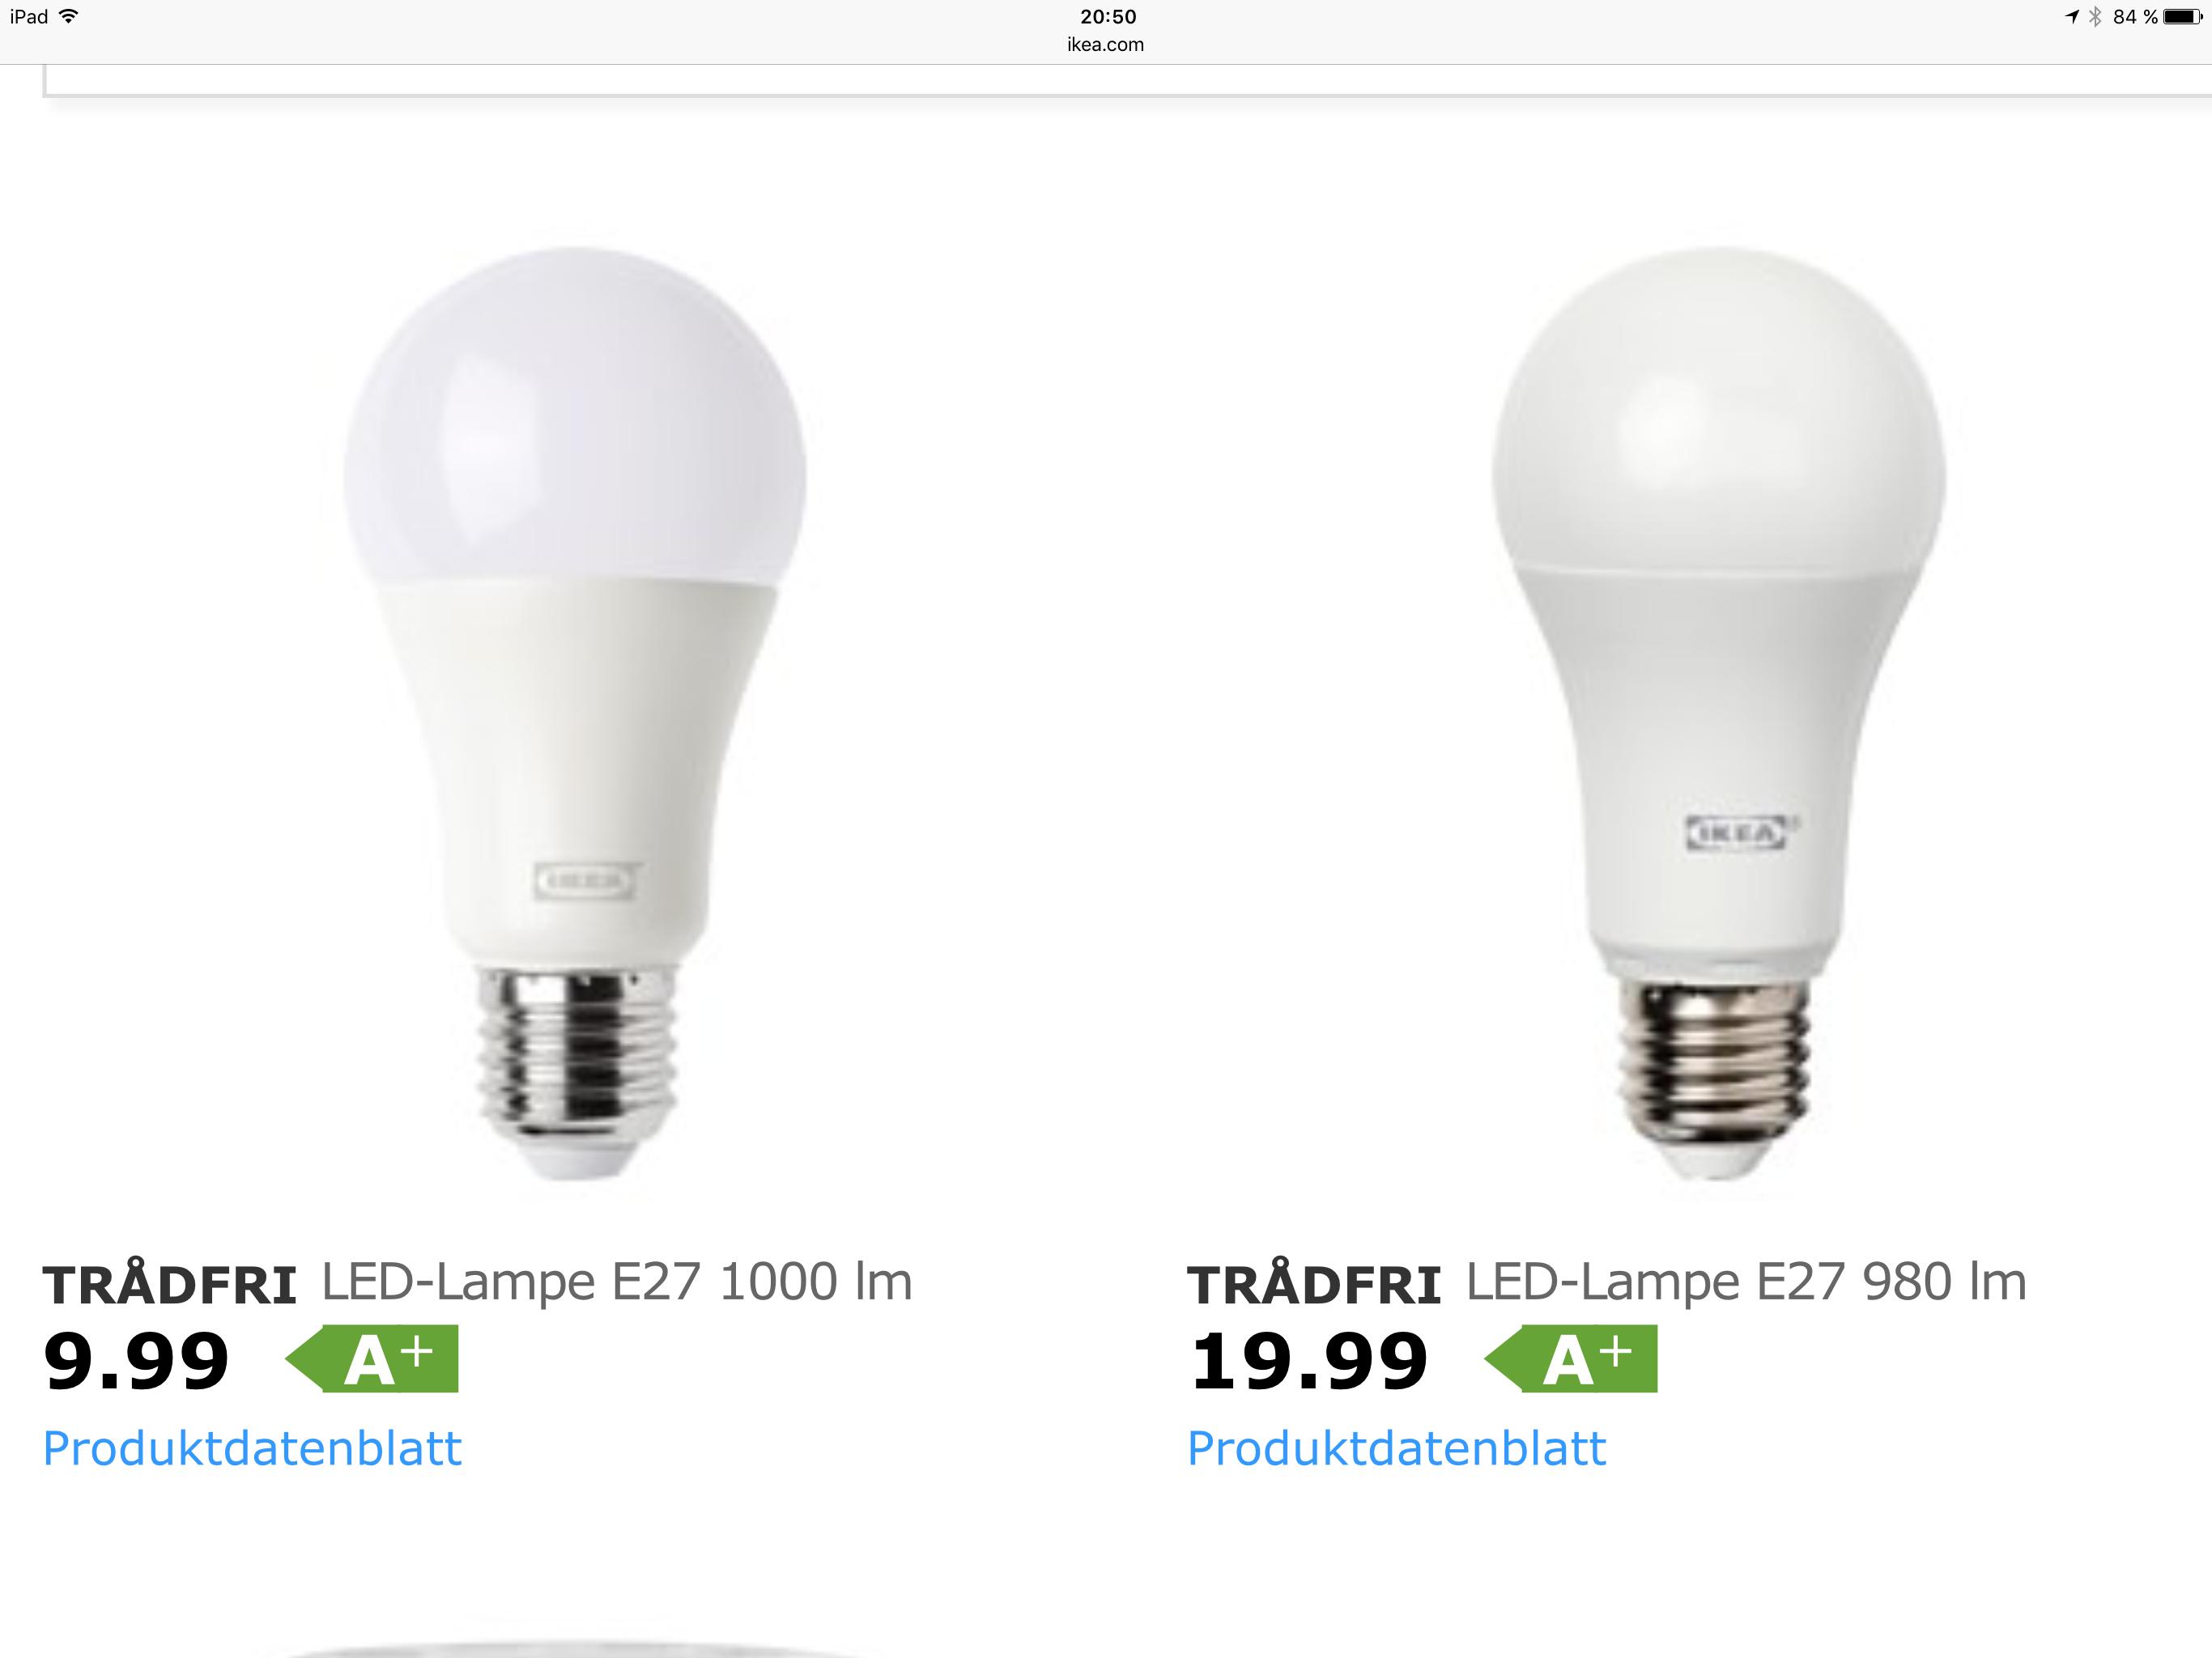 ikea bringt zigbee lampen - smart home welt - homee | community